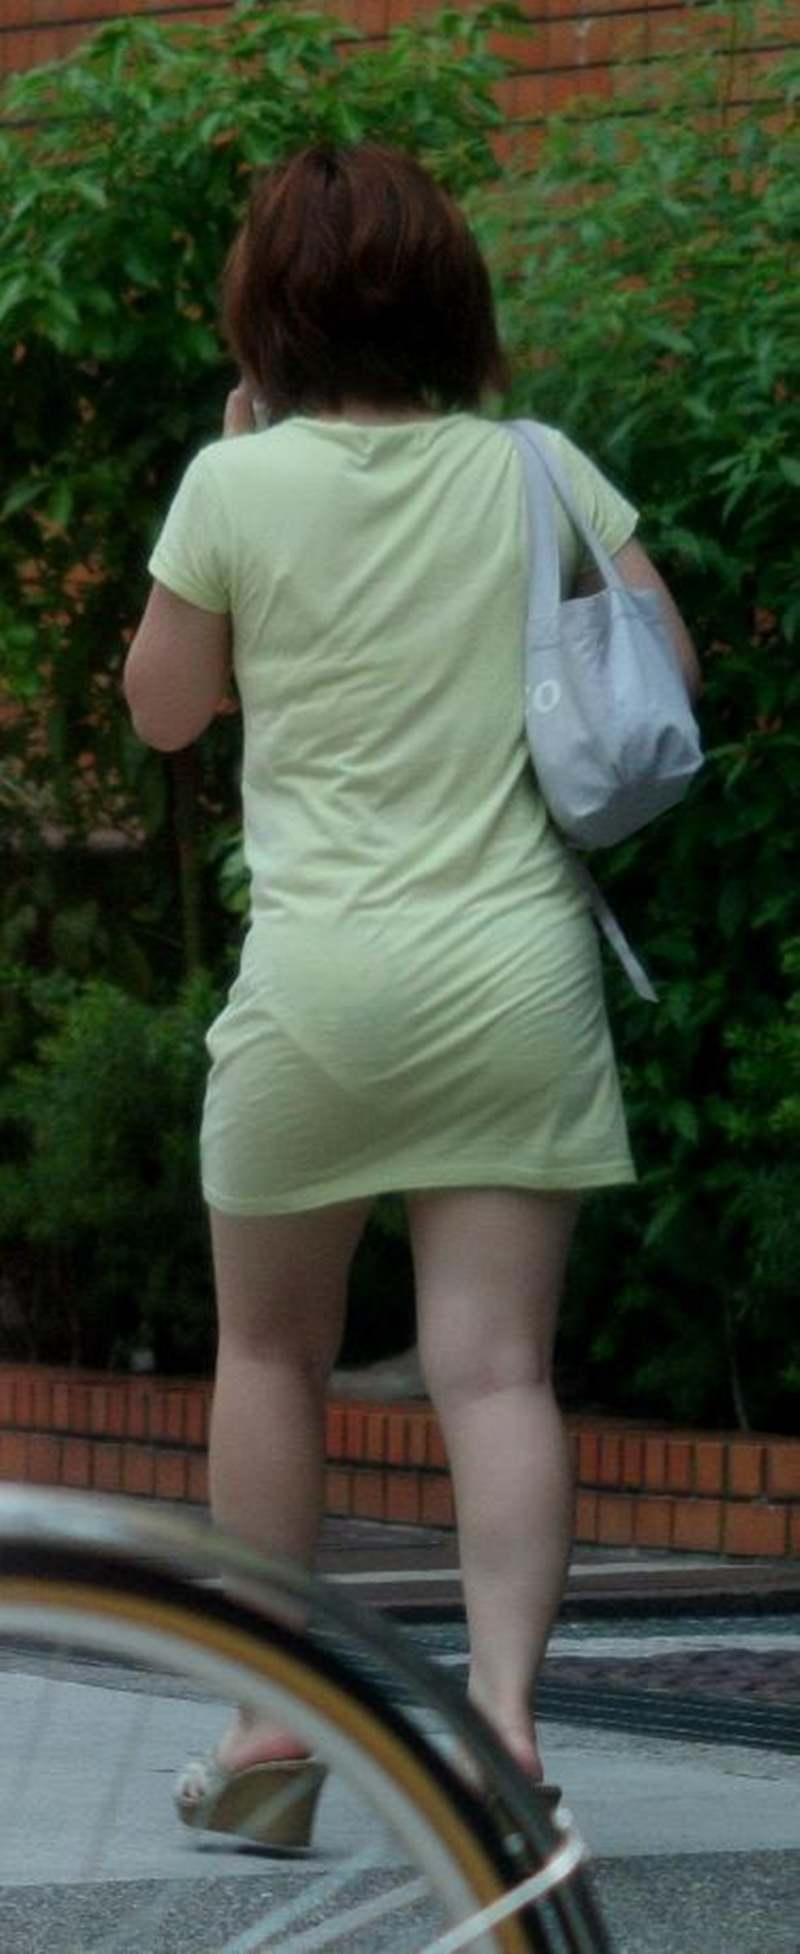 街で女のお尻を直視するのがワイの嗜み!高確率で透けパンツに出会えるぞぉーwww 1152